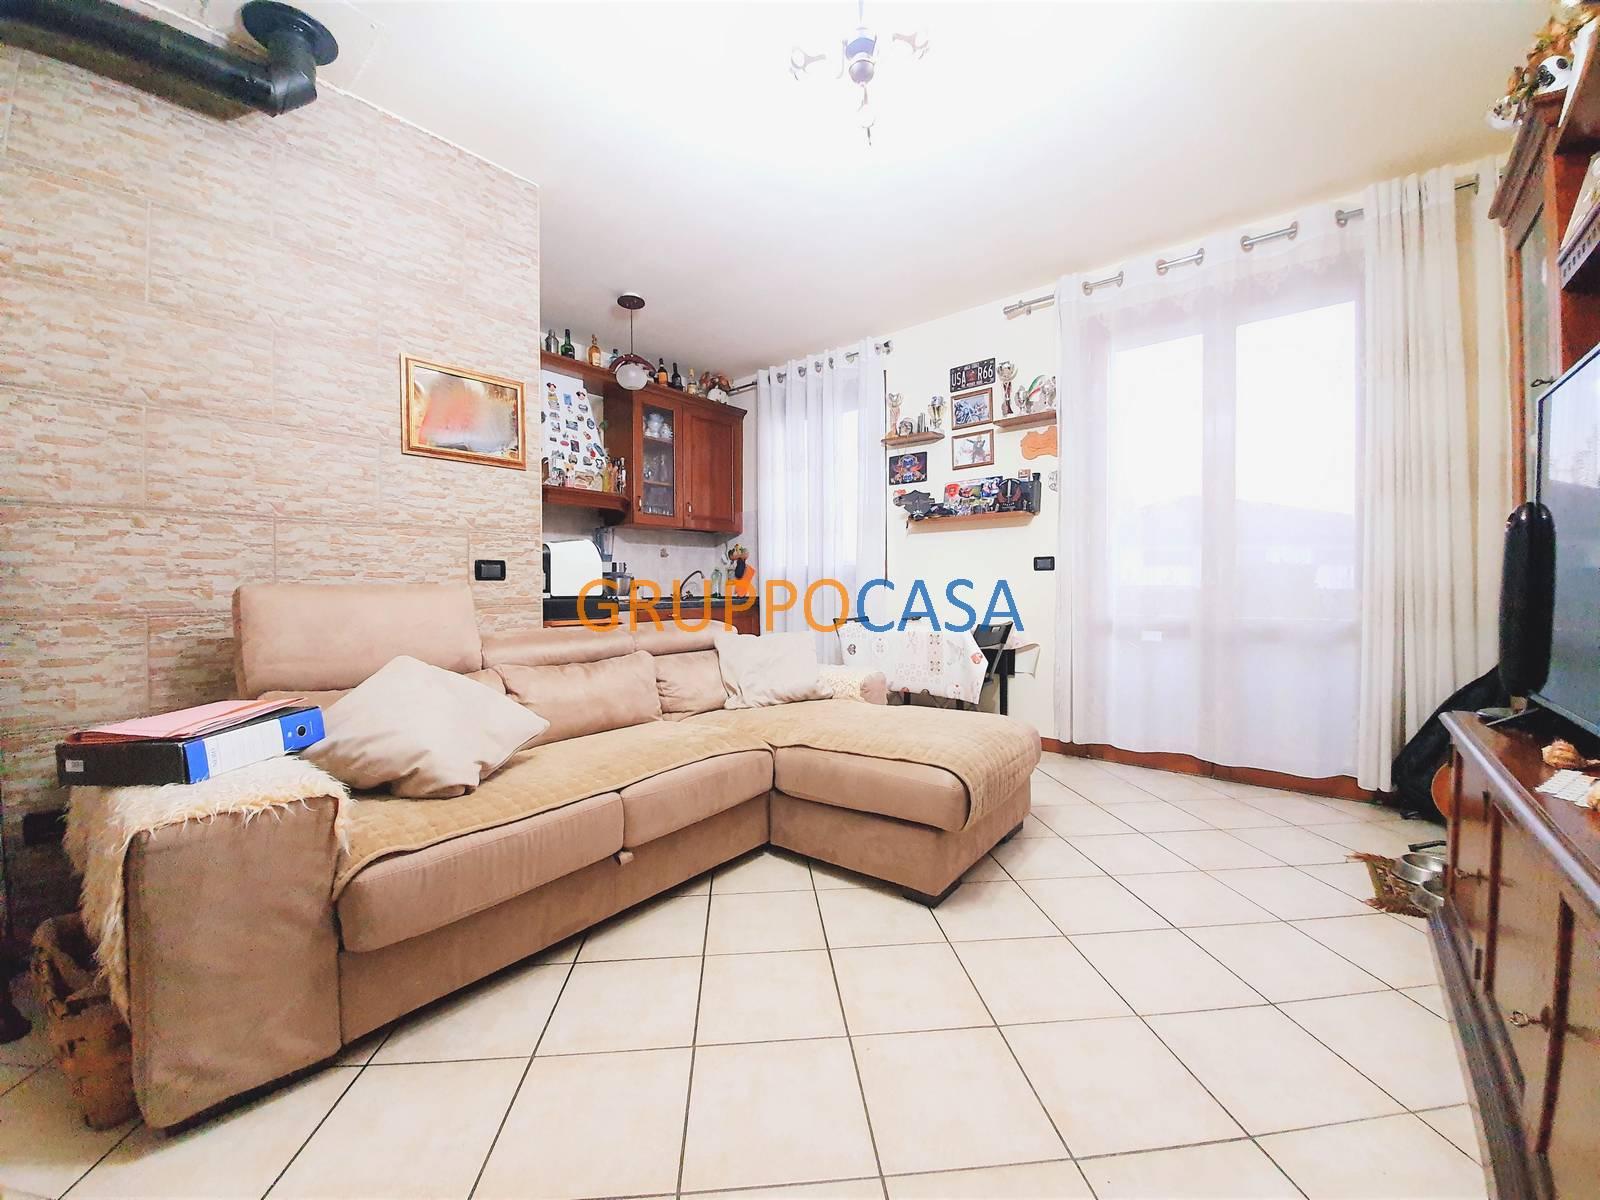 Appartamento in vendita a Castelfranco di Sotto, 3 locali, zona tano, prezzo € 95.000   PortaleAgenzieImmobiliari.it